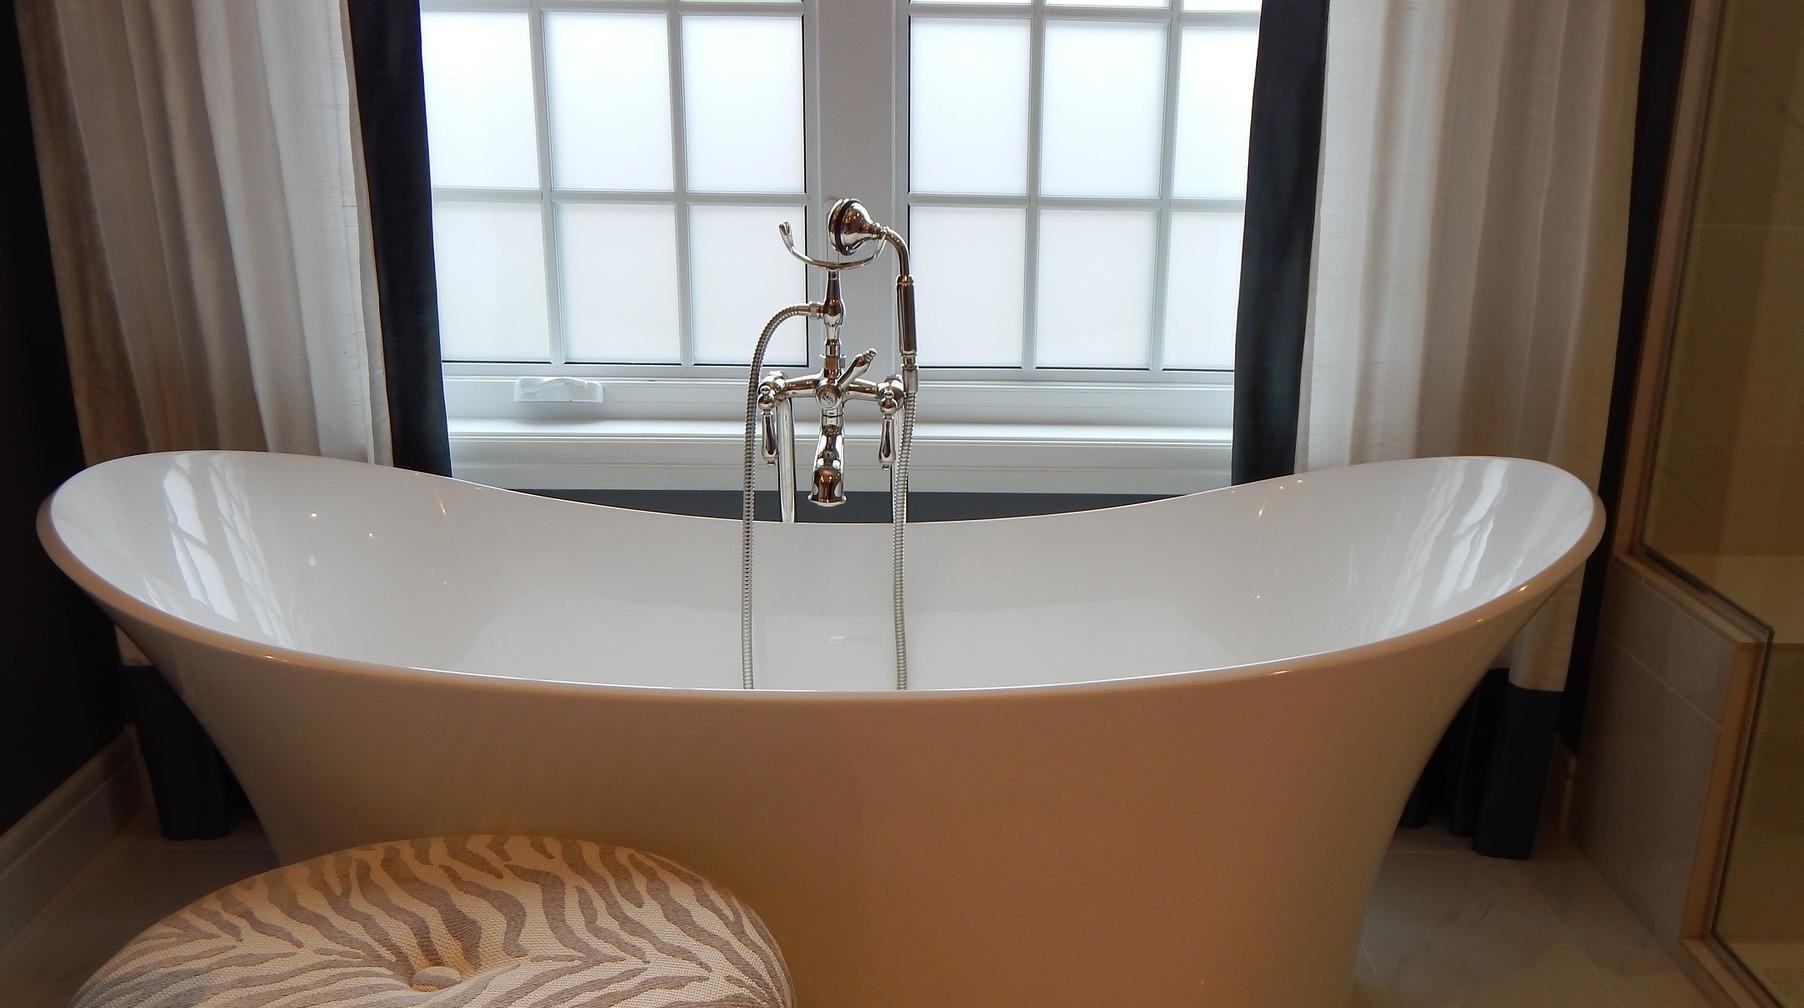 aranżacja okna w łazience